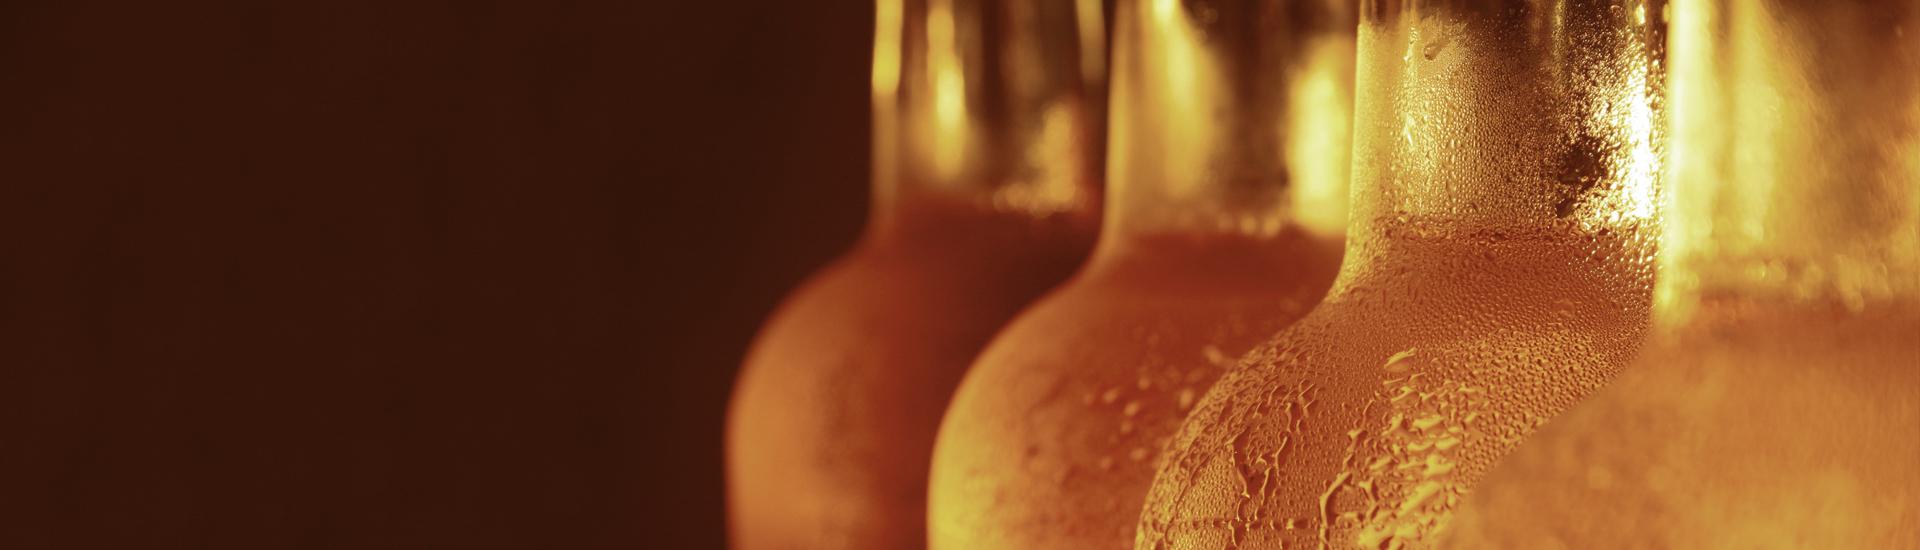 beer_bottles